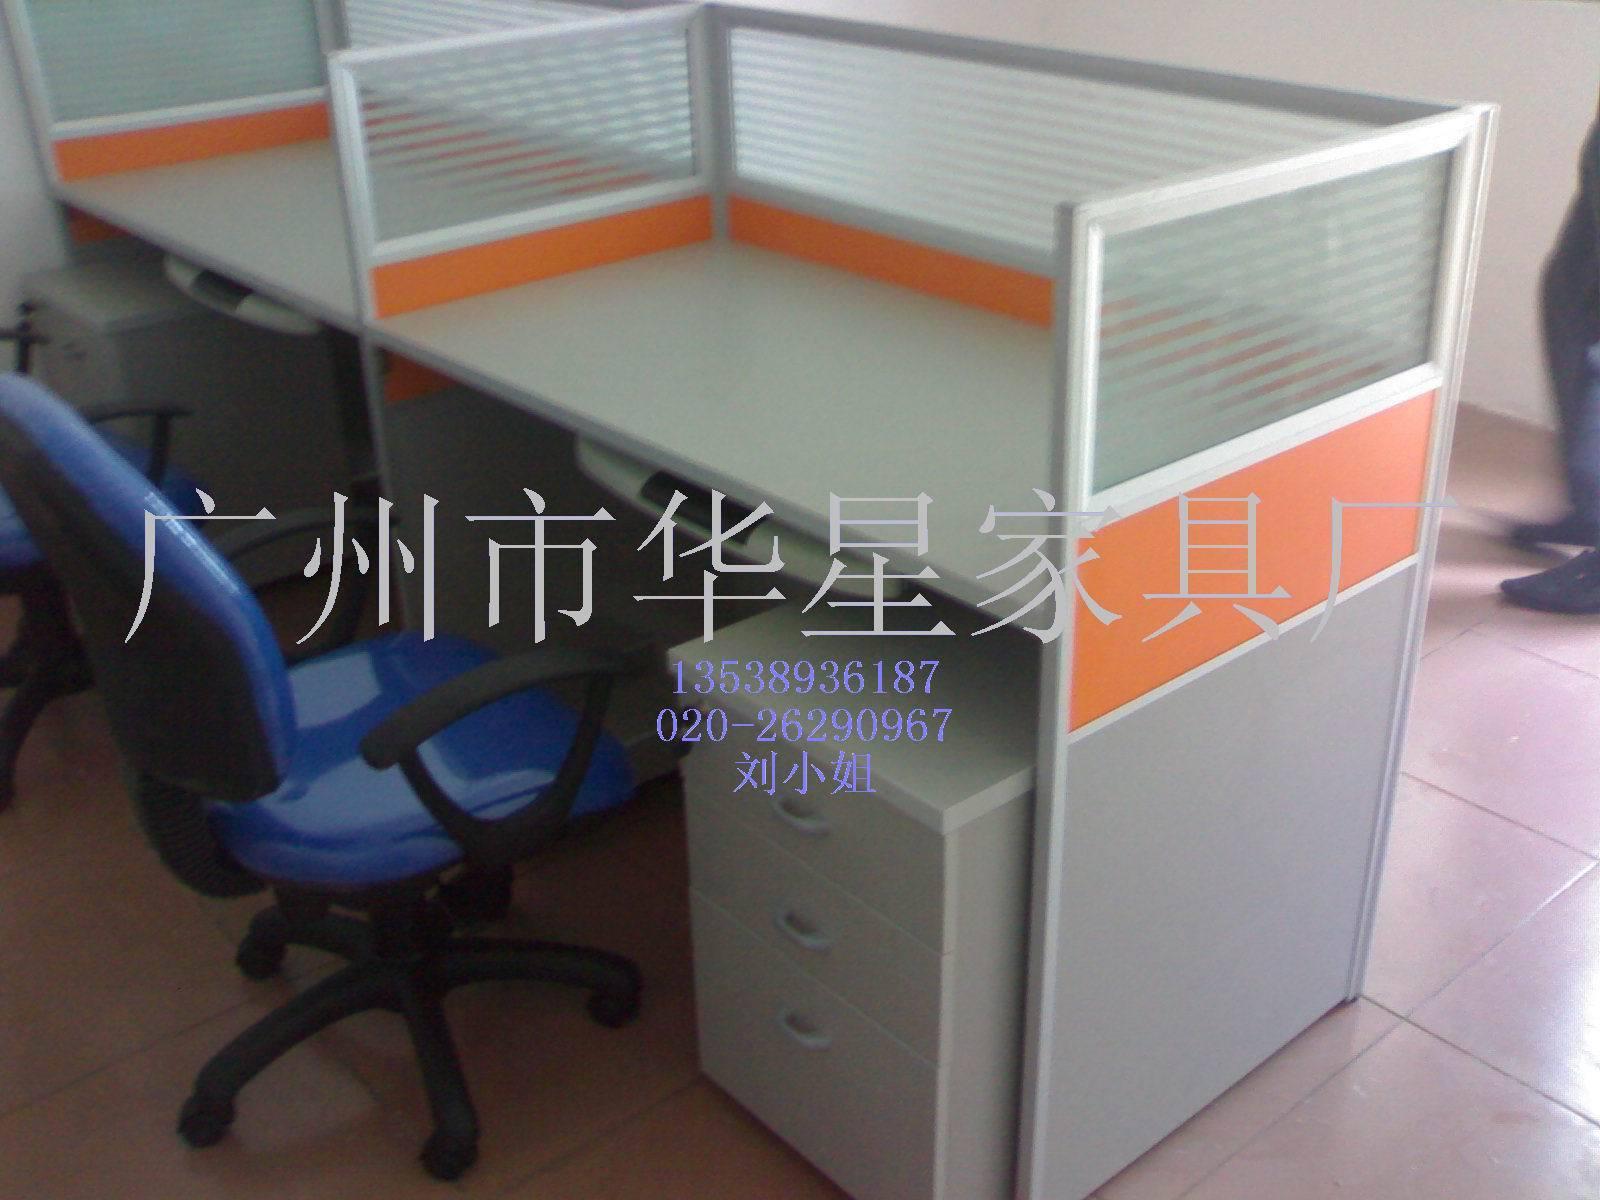 屏风办公桌2人带隔断的办公桌组合电脑桌双人办公室格子间办公桌图片